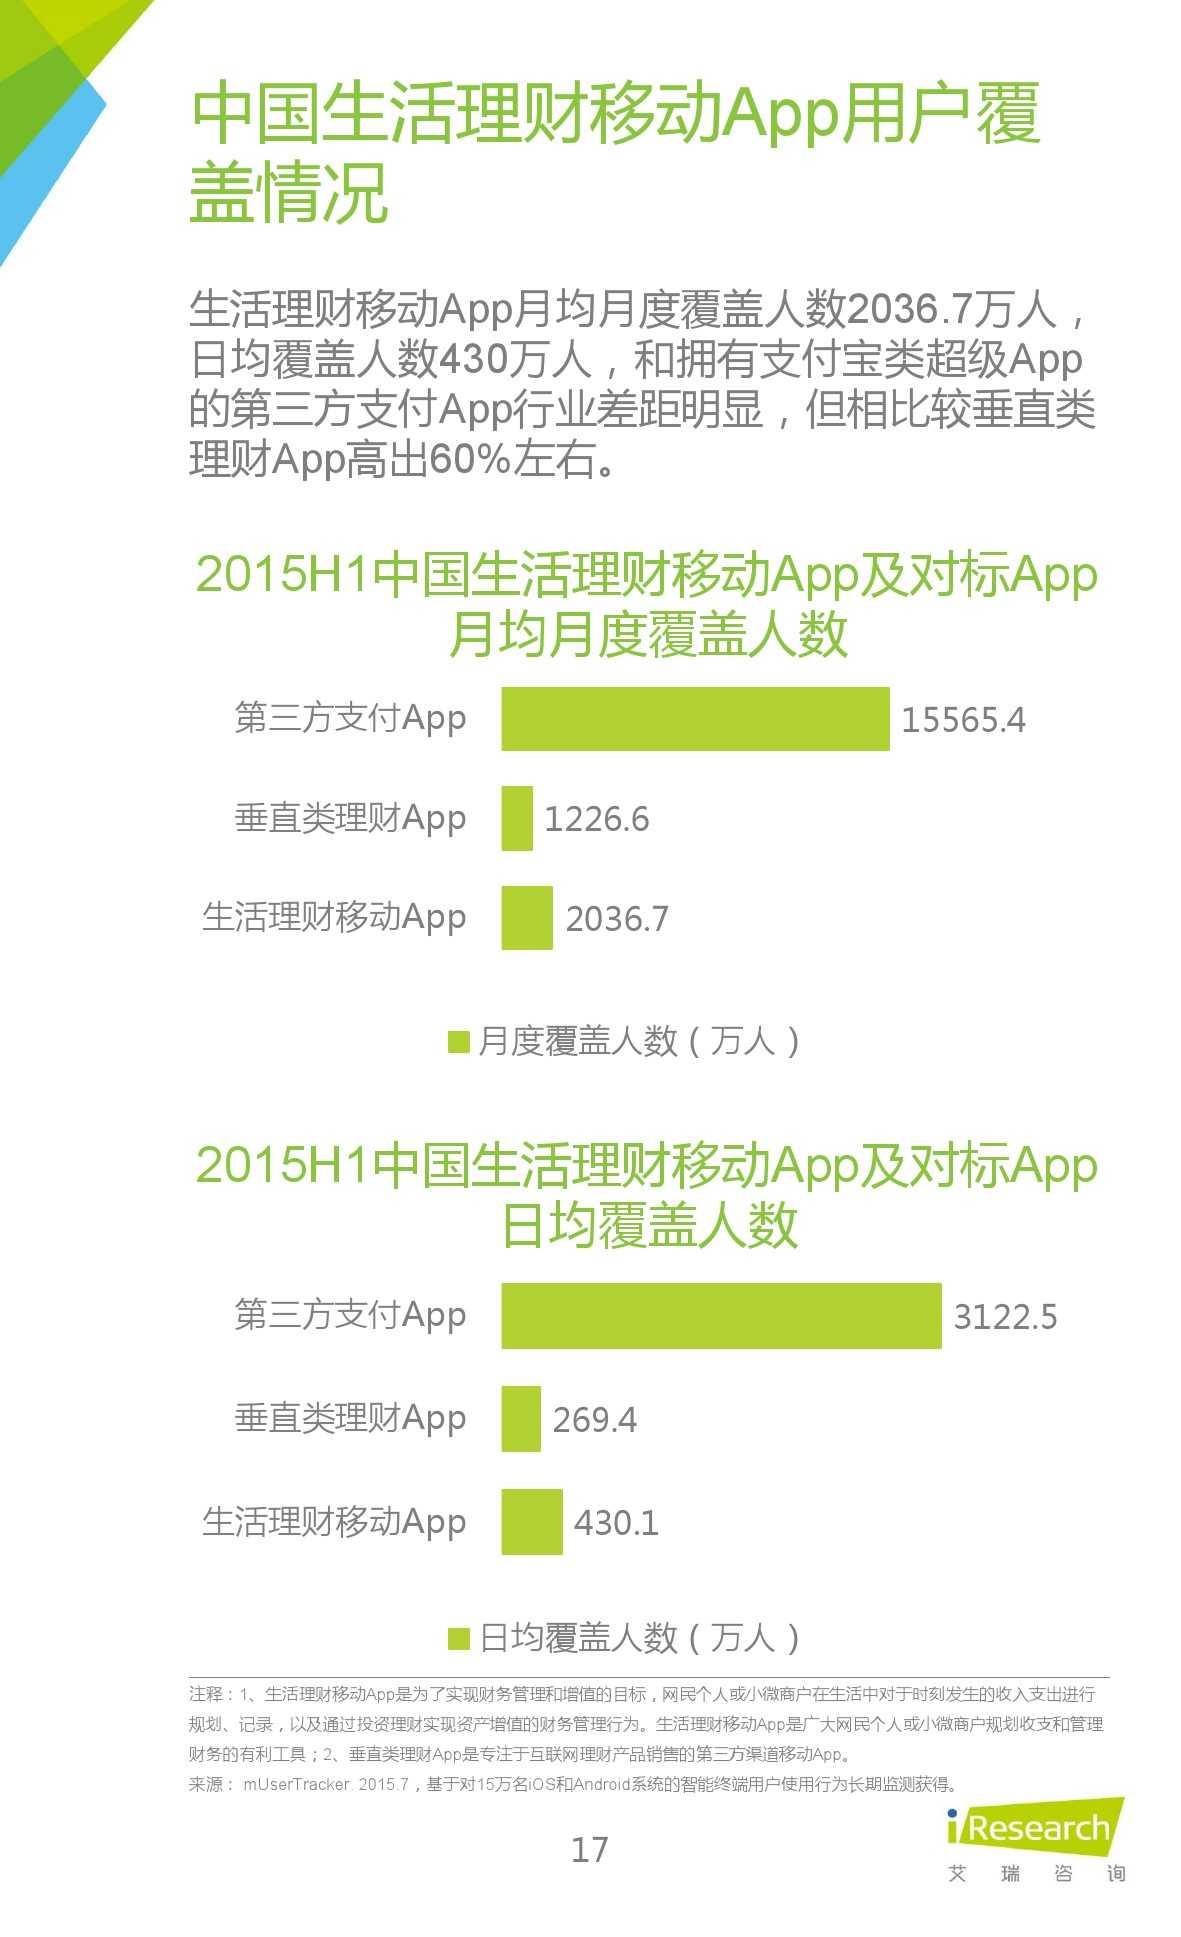 2015年中国生活理财移动App行业研究报告_000017